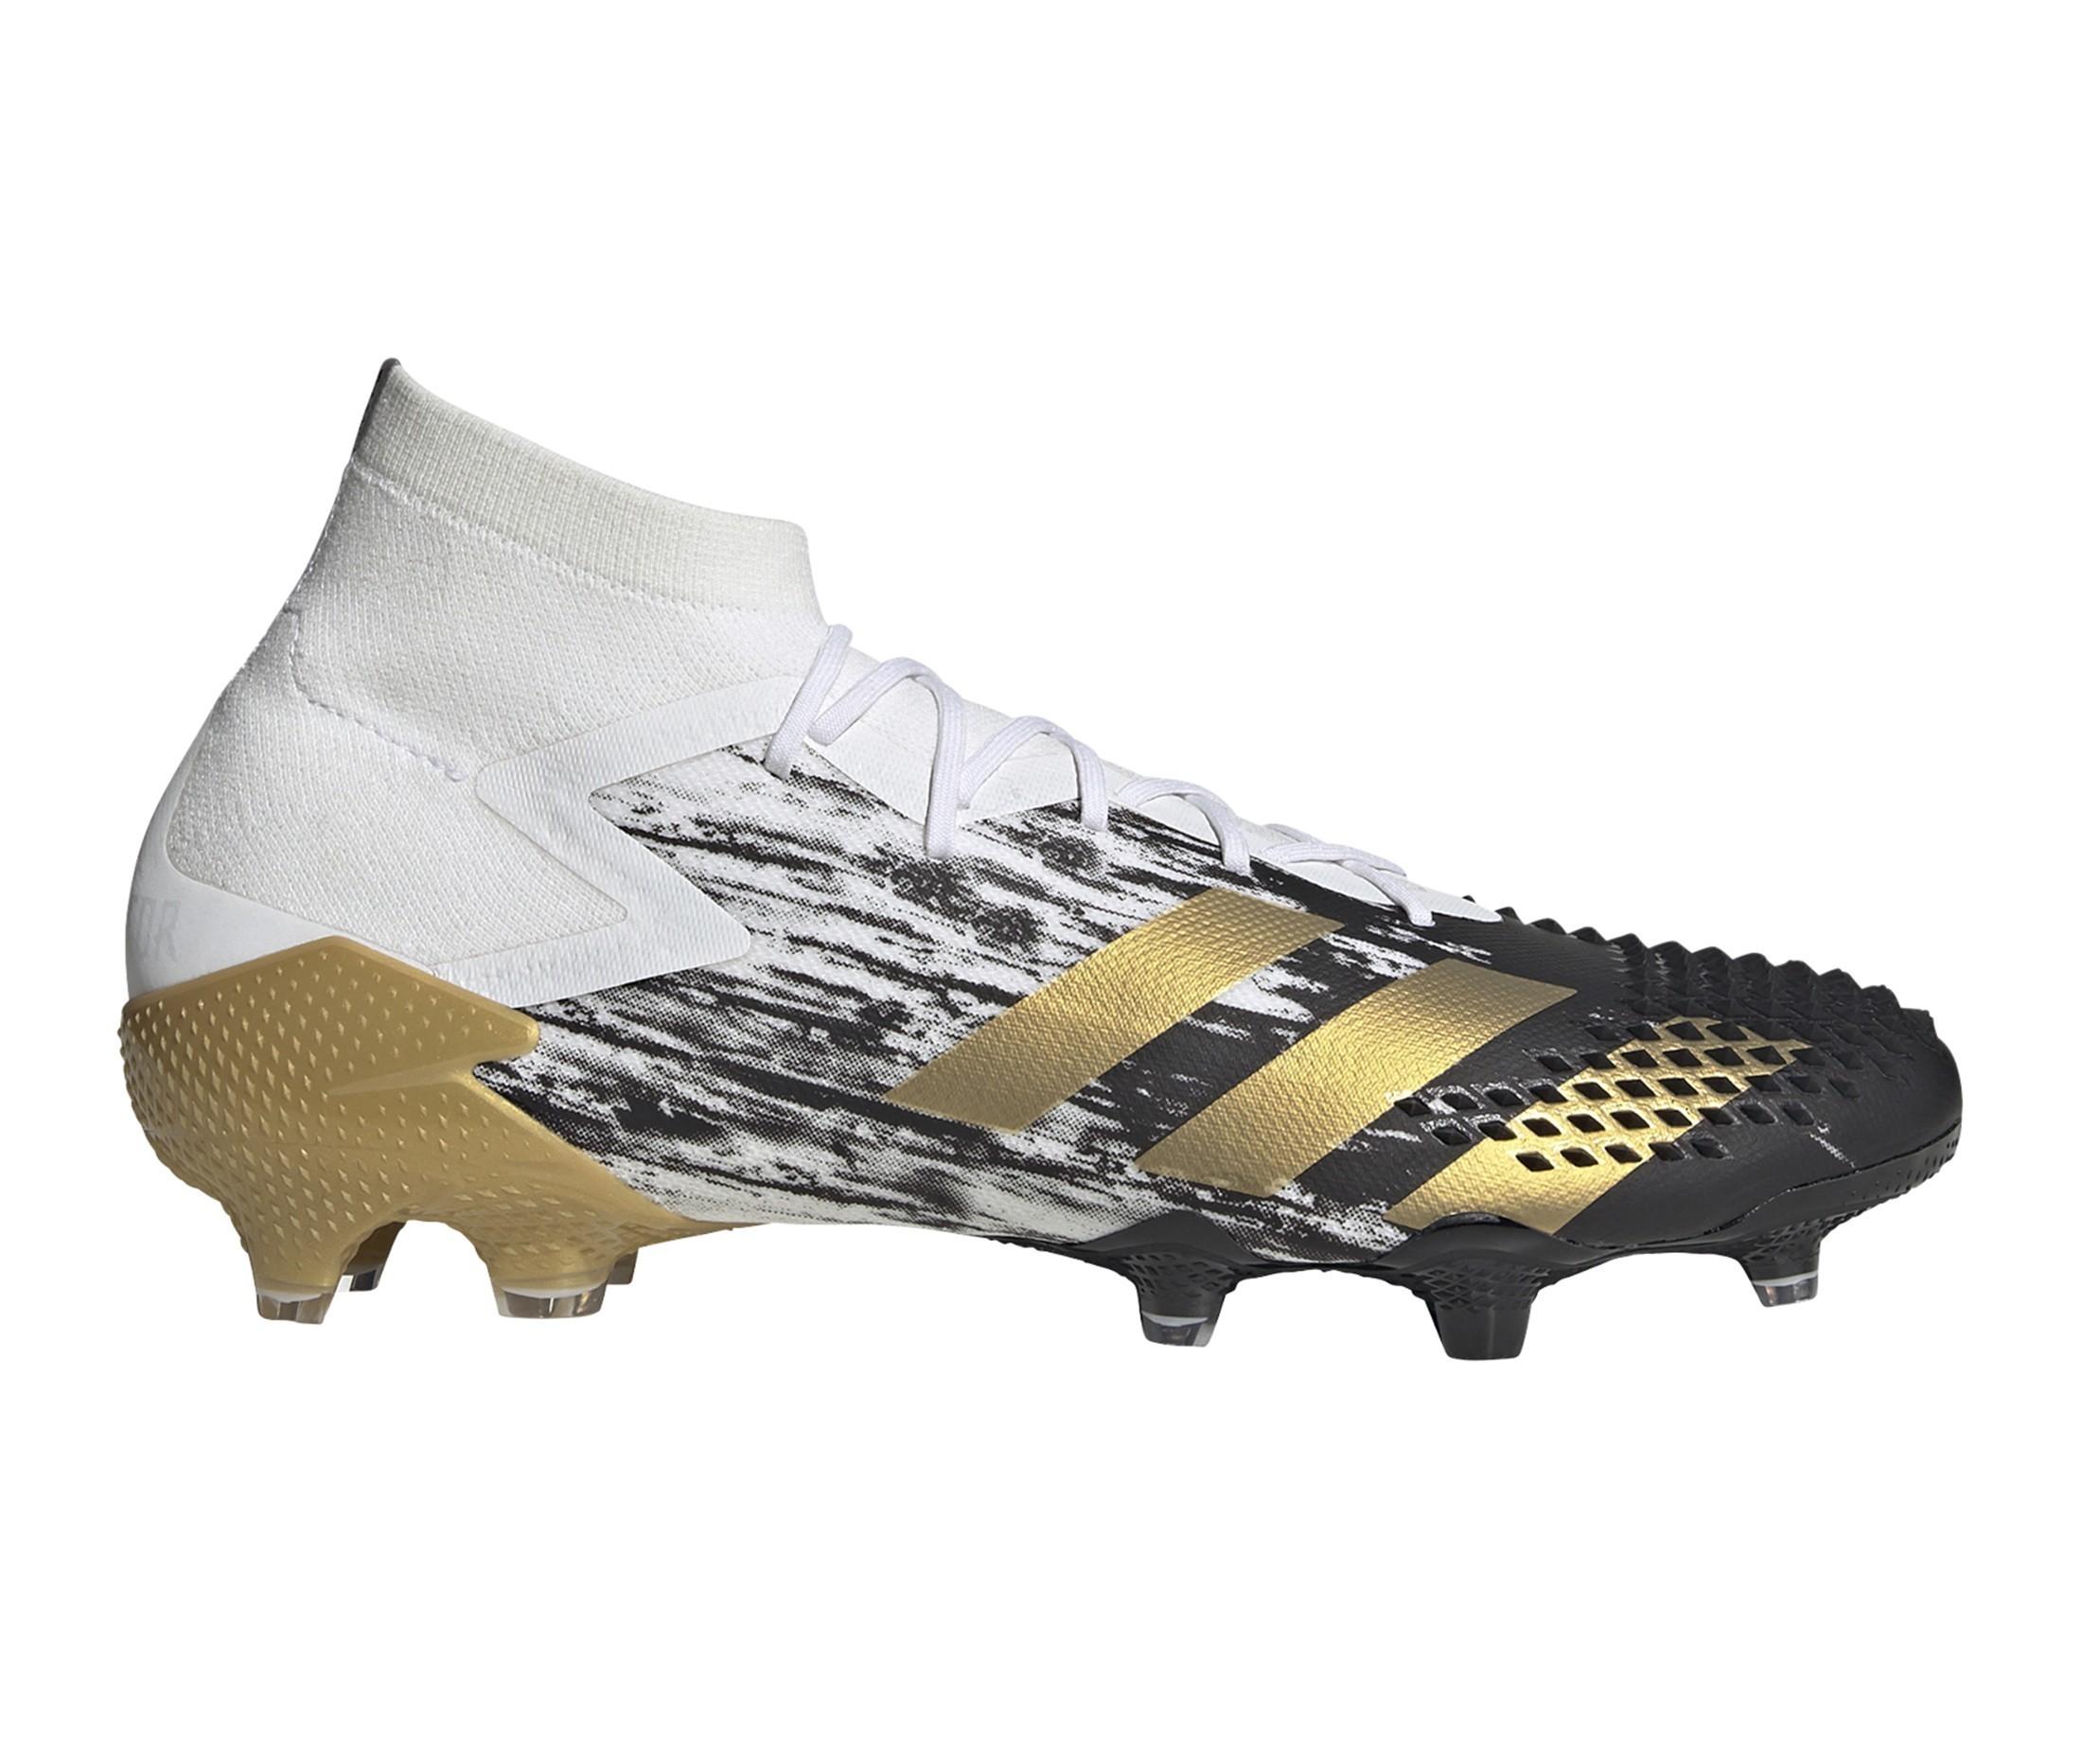 Predator | adidas | Chaussures de foot | Footcenter